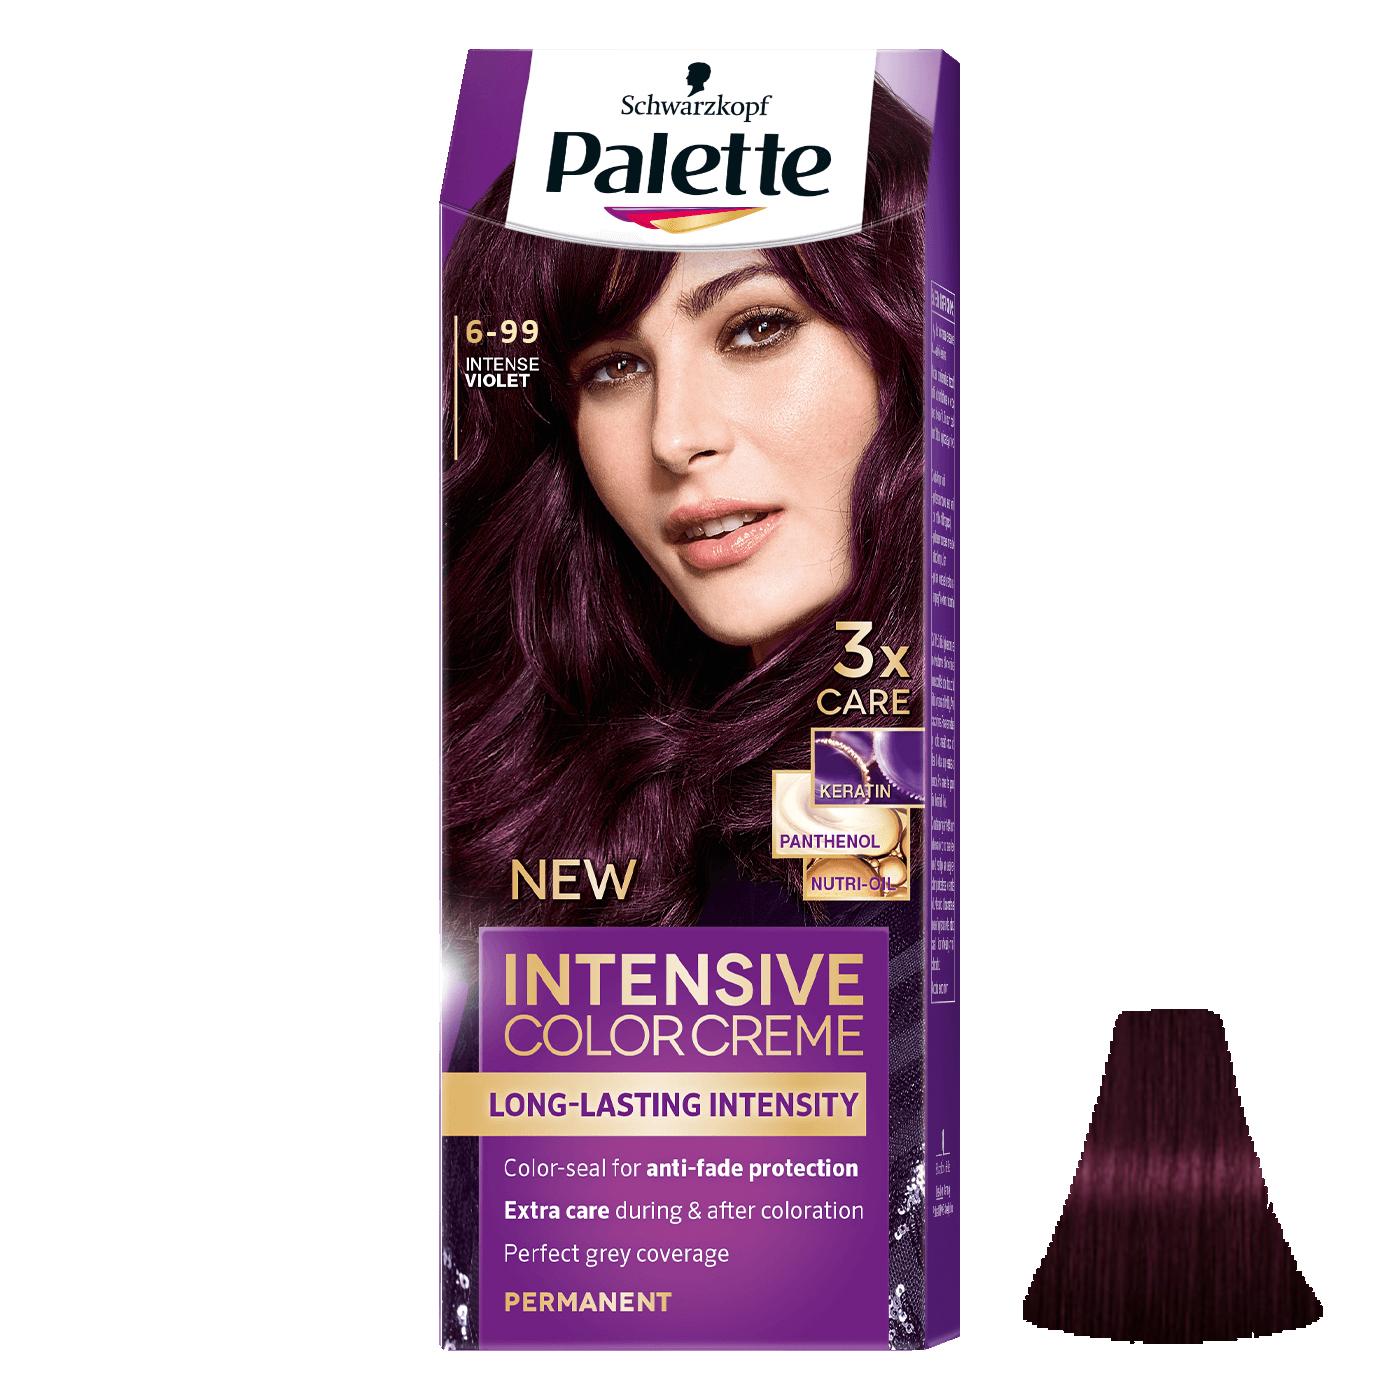 کیت رنگ مو پلت سری Intensive شماره 99-6 حجم 50 میلی لیتر رنگ بنفش تیره